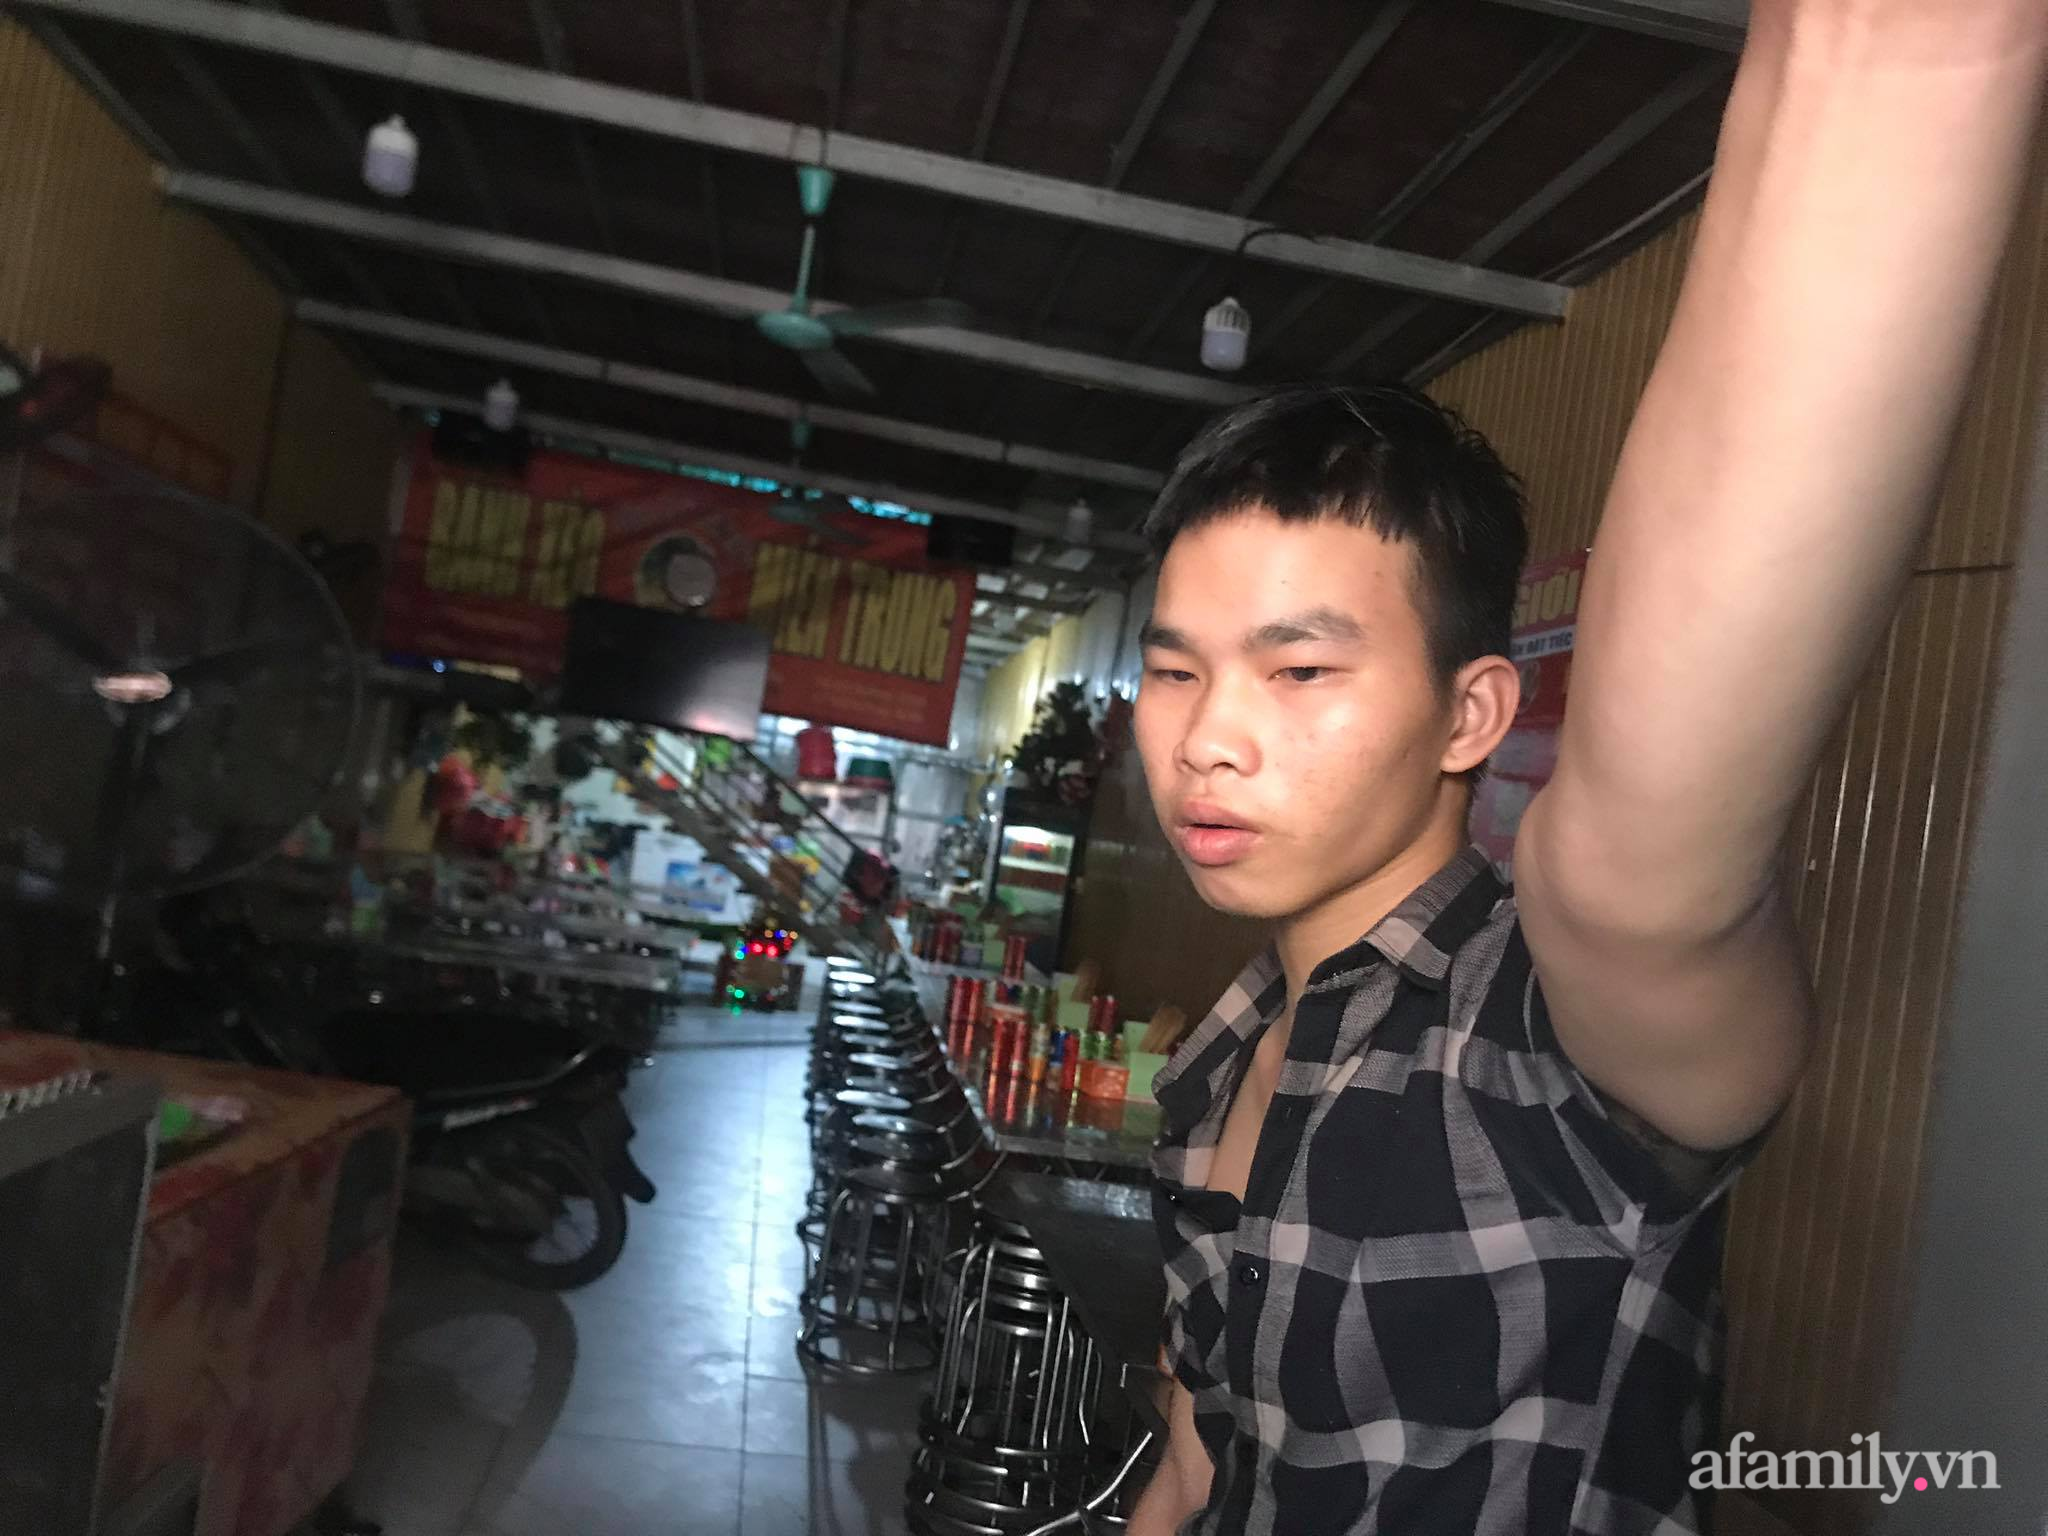 Xót xa hoàn cảnh của cậu bé bị nữ chủ quán bánh xèo hành hạ dã man ở Bắc Ninh: Mẹ mất sớm, bố bị bệnh tâm thần không người chăm sóc - Ảnh 5.